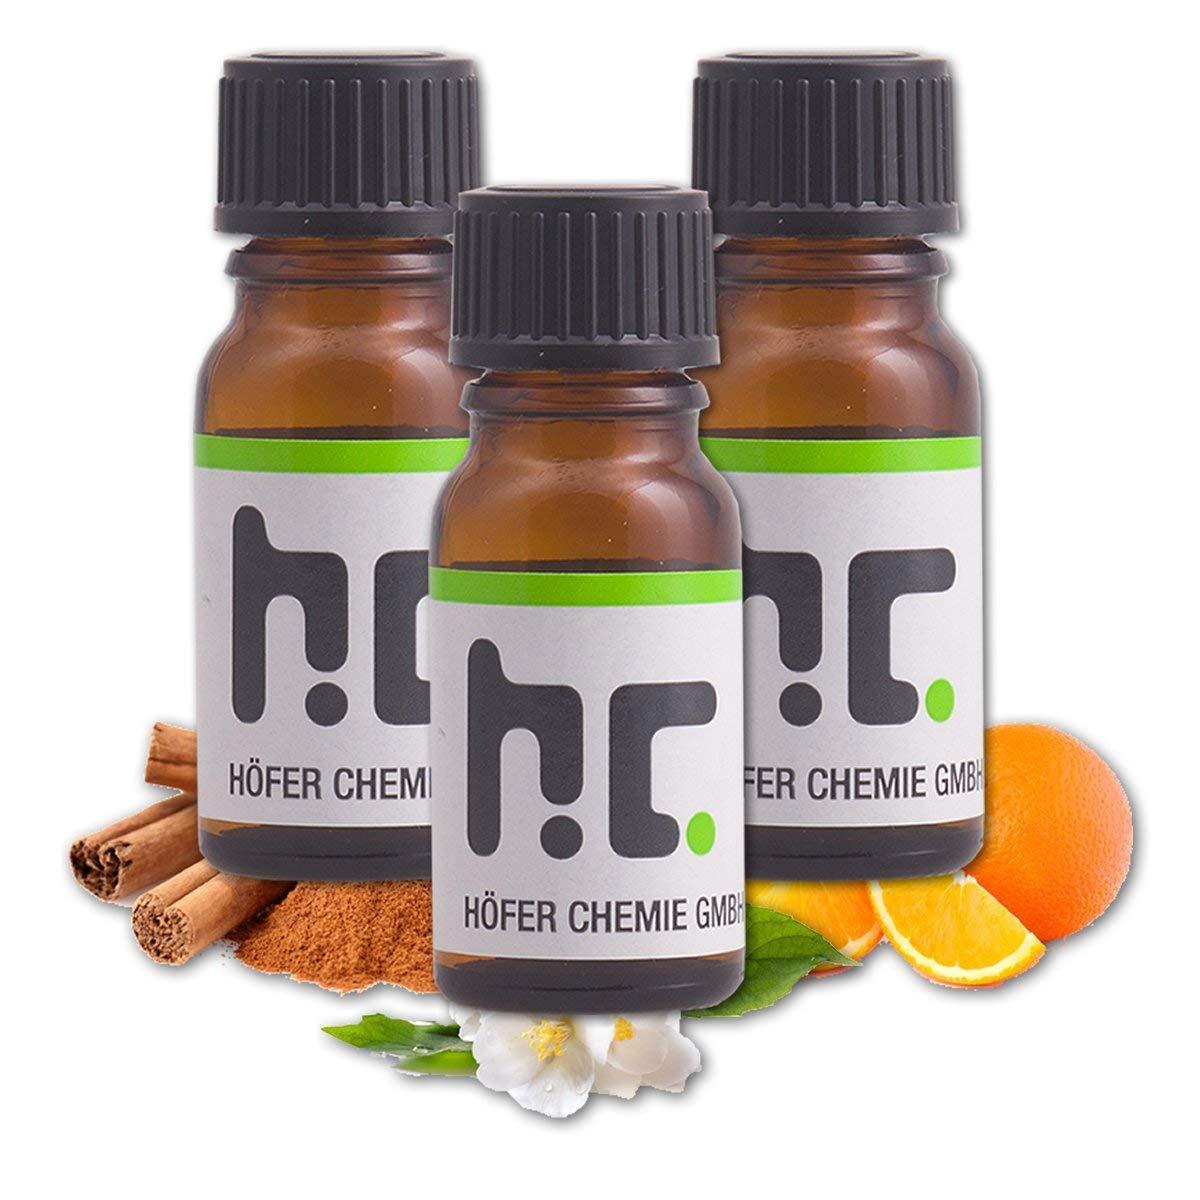 set d'huiles essentielles n°3 - citron, fleur de jasmin, orange et cannelle - FRAIS DE PORT OFFERT Höfer Chemie GmbH